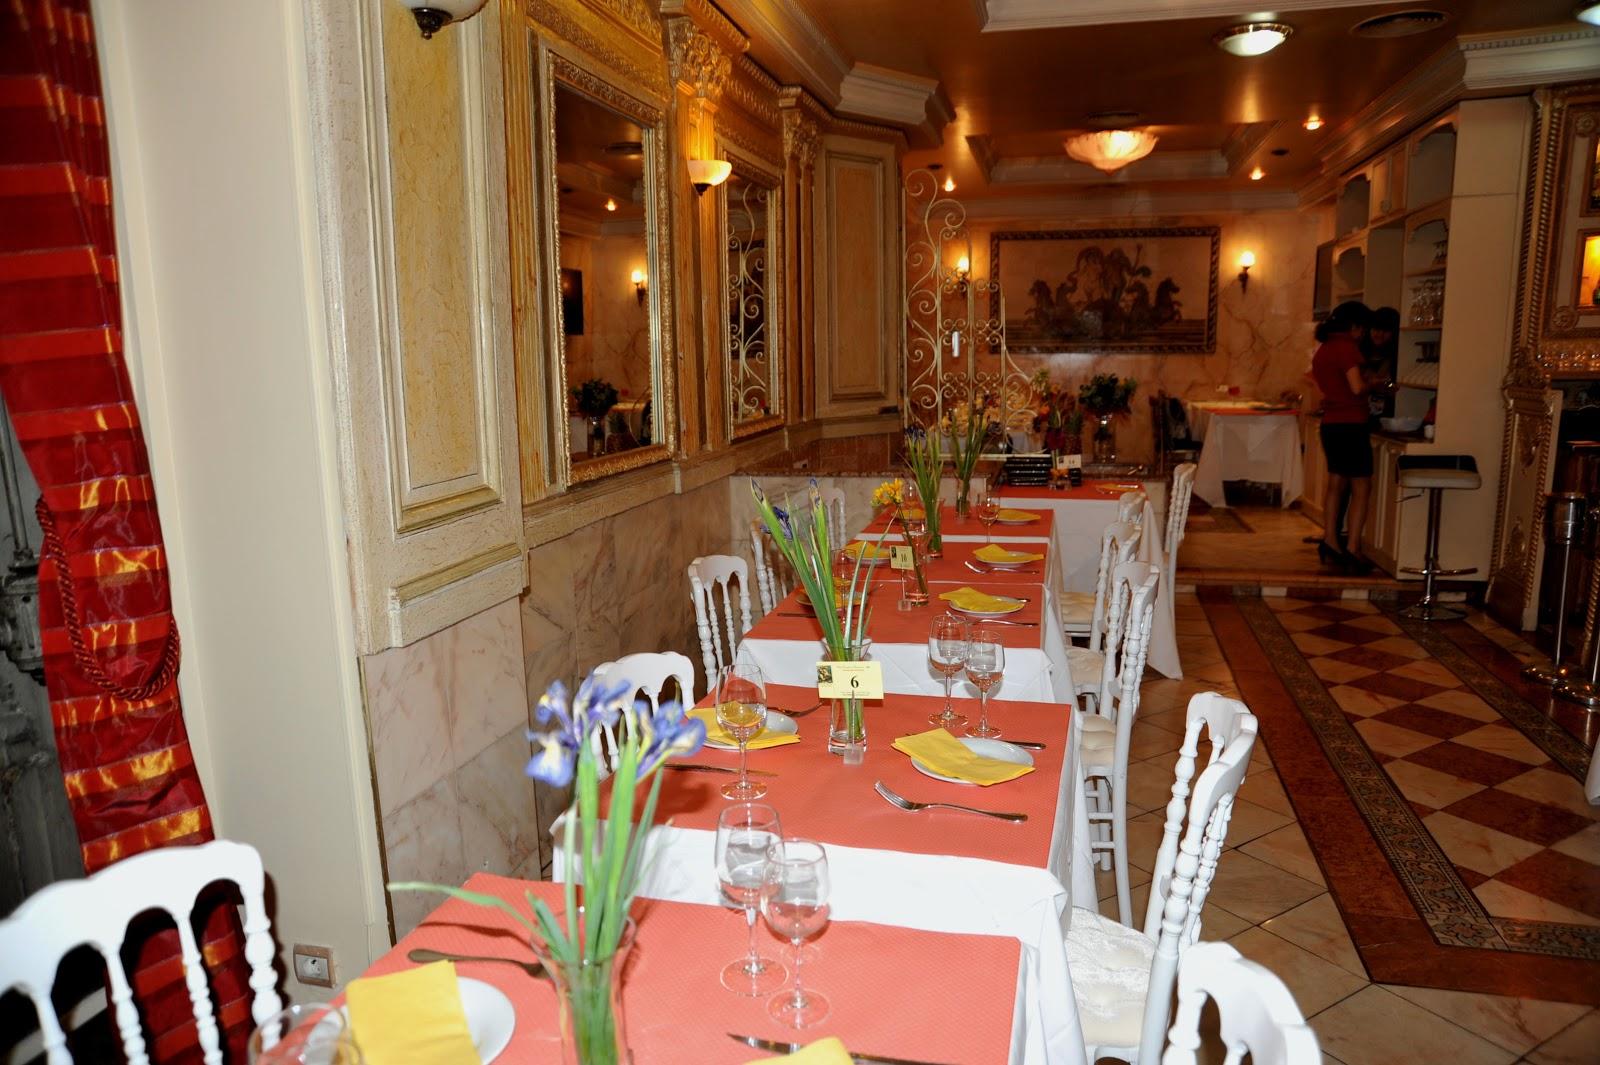 restaurante bonaparte paris jantar e almo o restaurante bonaparte grupo em paris chic cheap. Black Bedroom Furniture Sets. Home Design Ideas